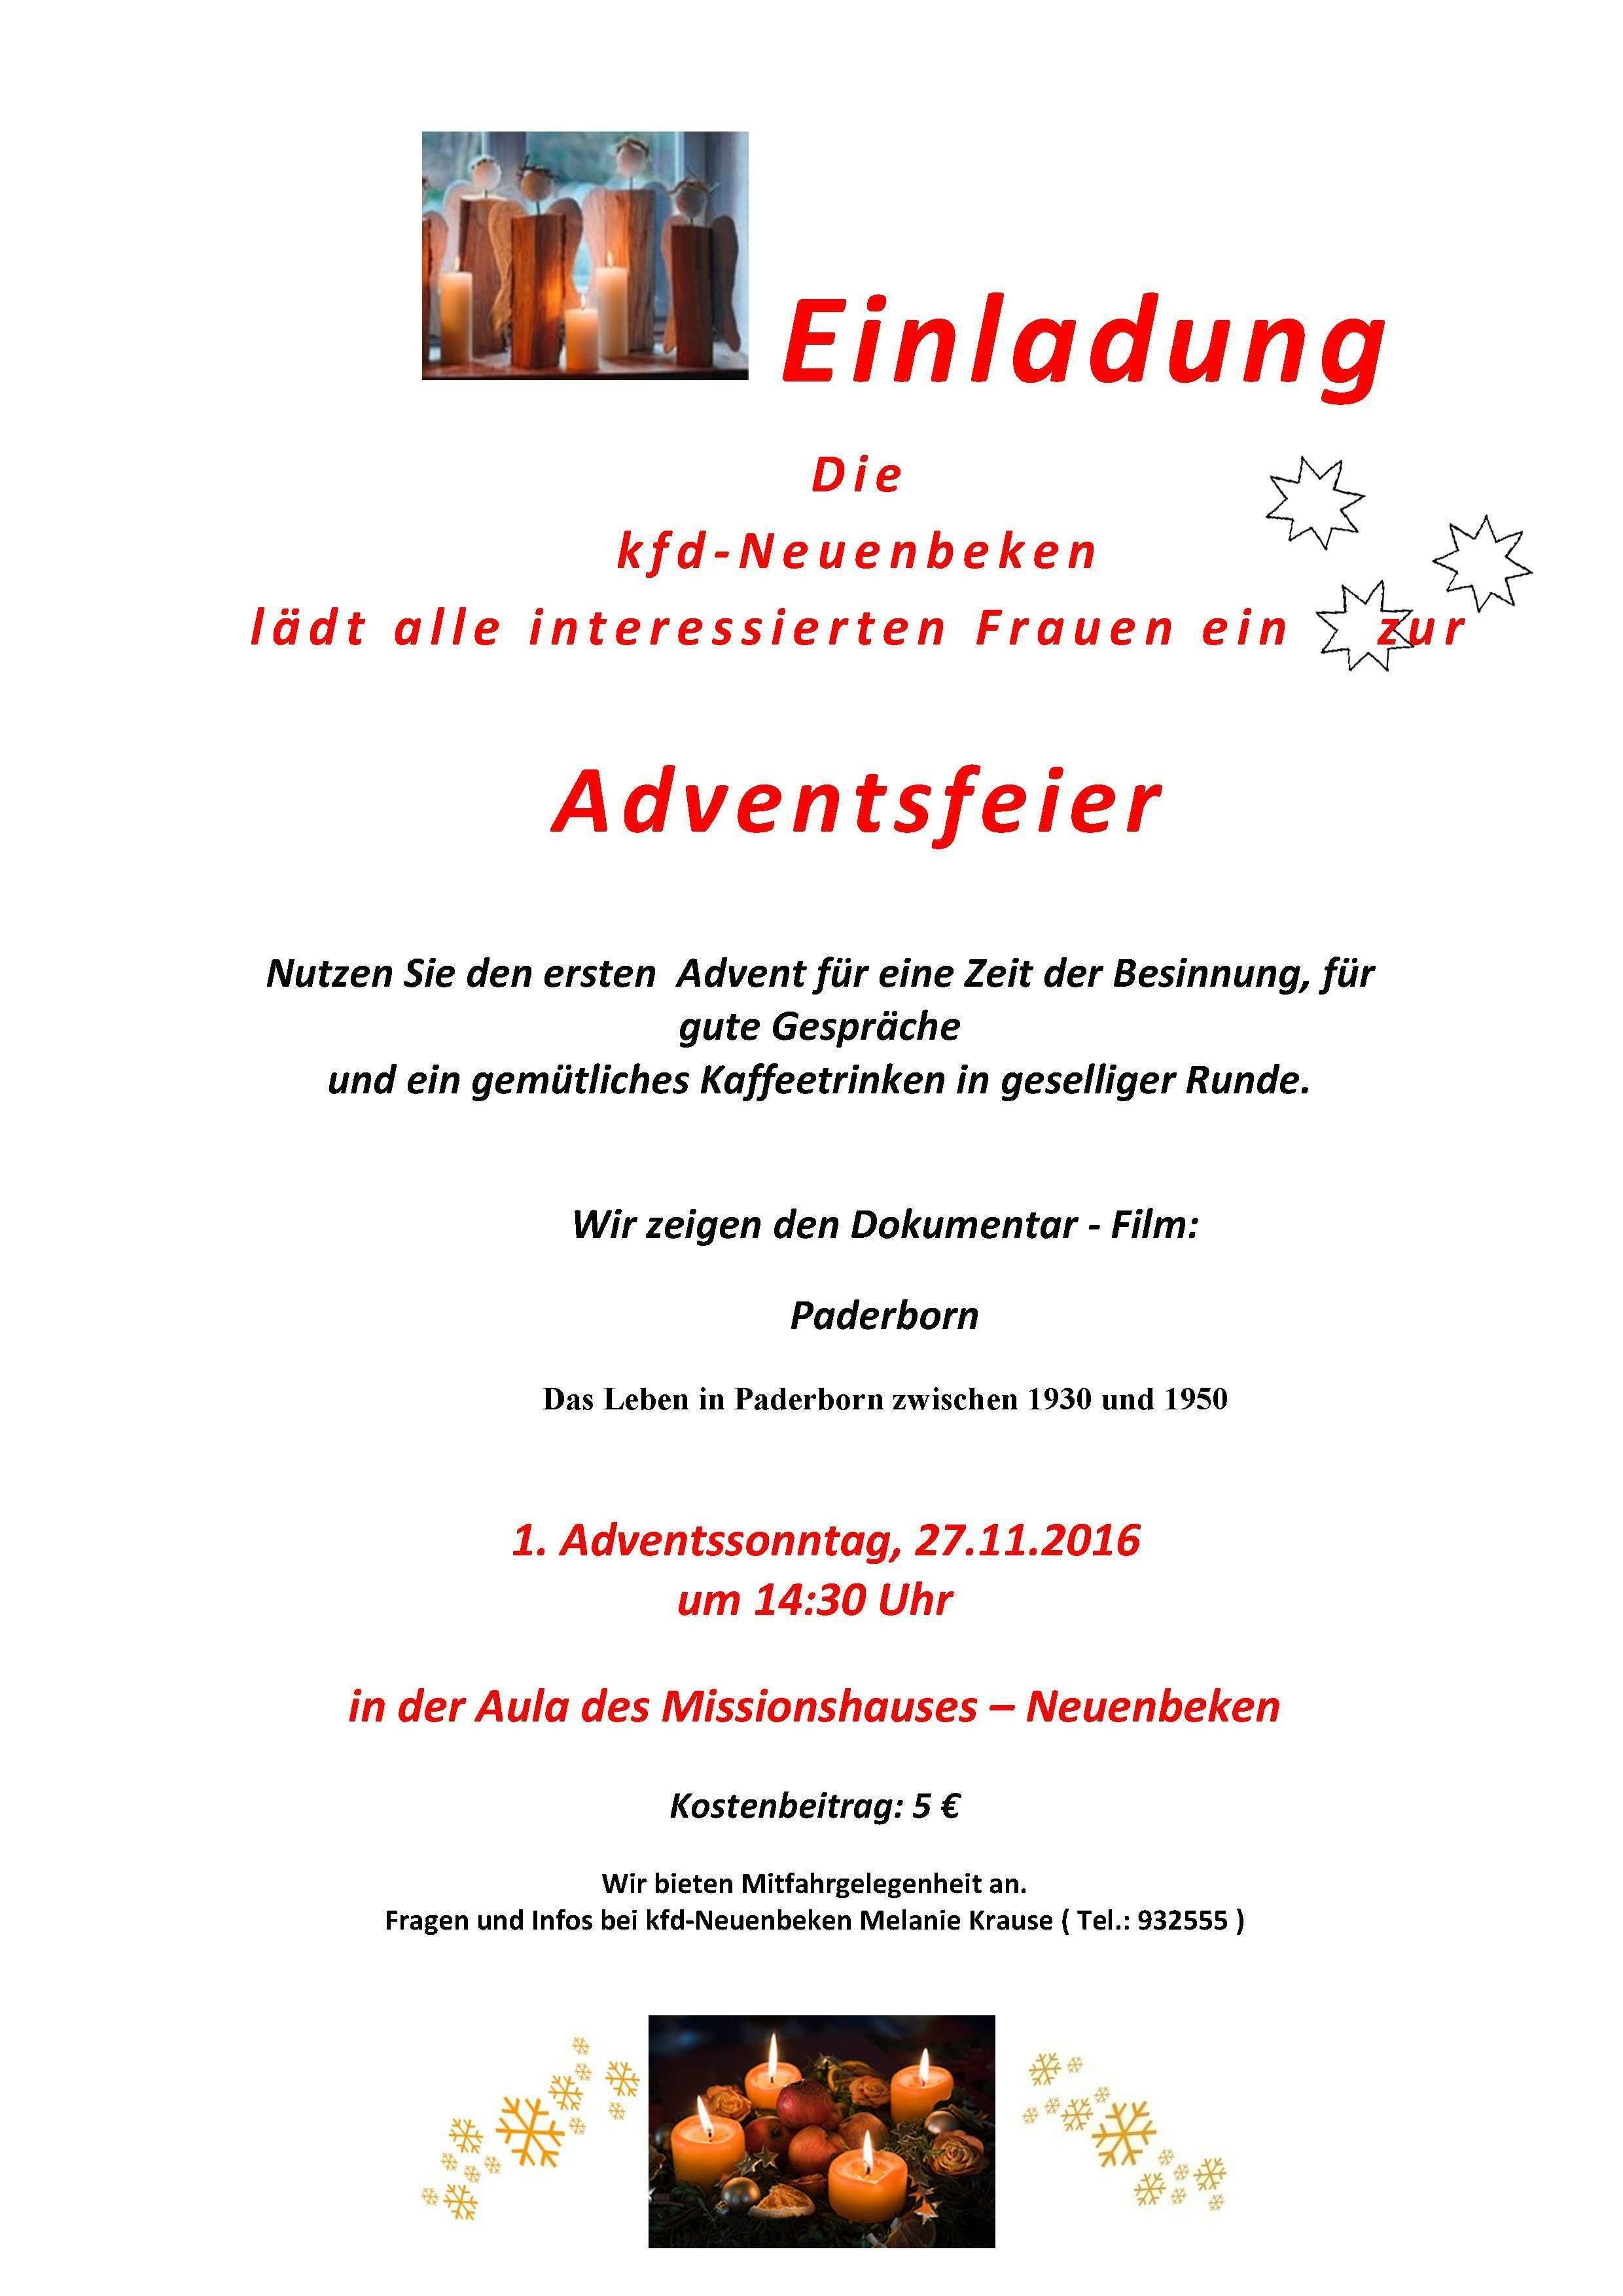 Einladung Weihnachtsfeier Lustig Einladung Text Einladungstext Einladung Geburtstag